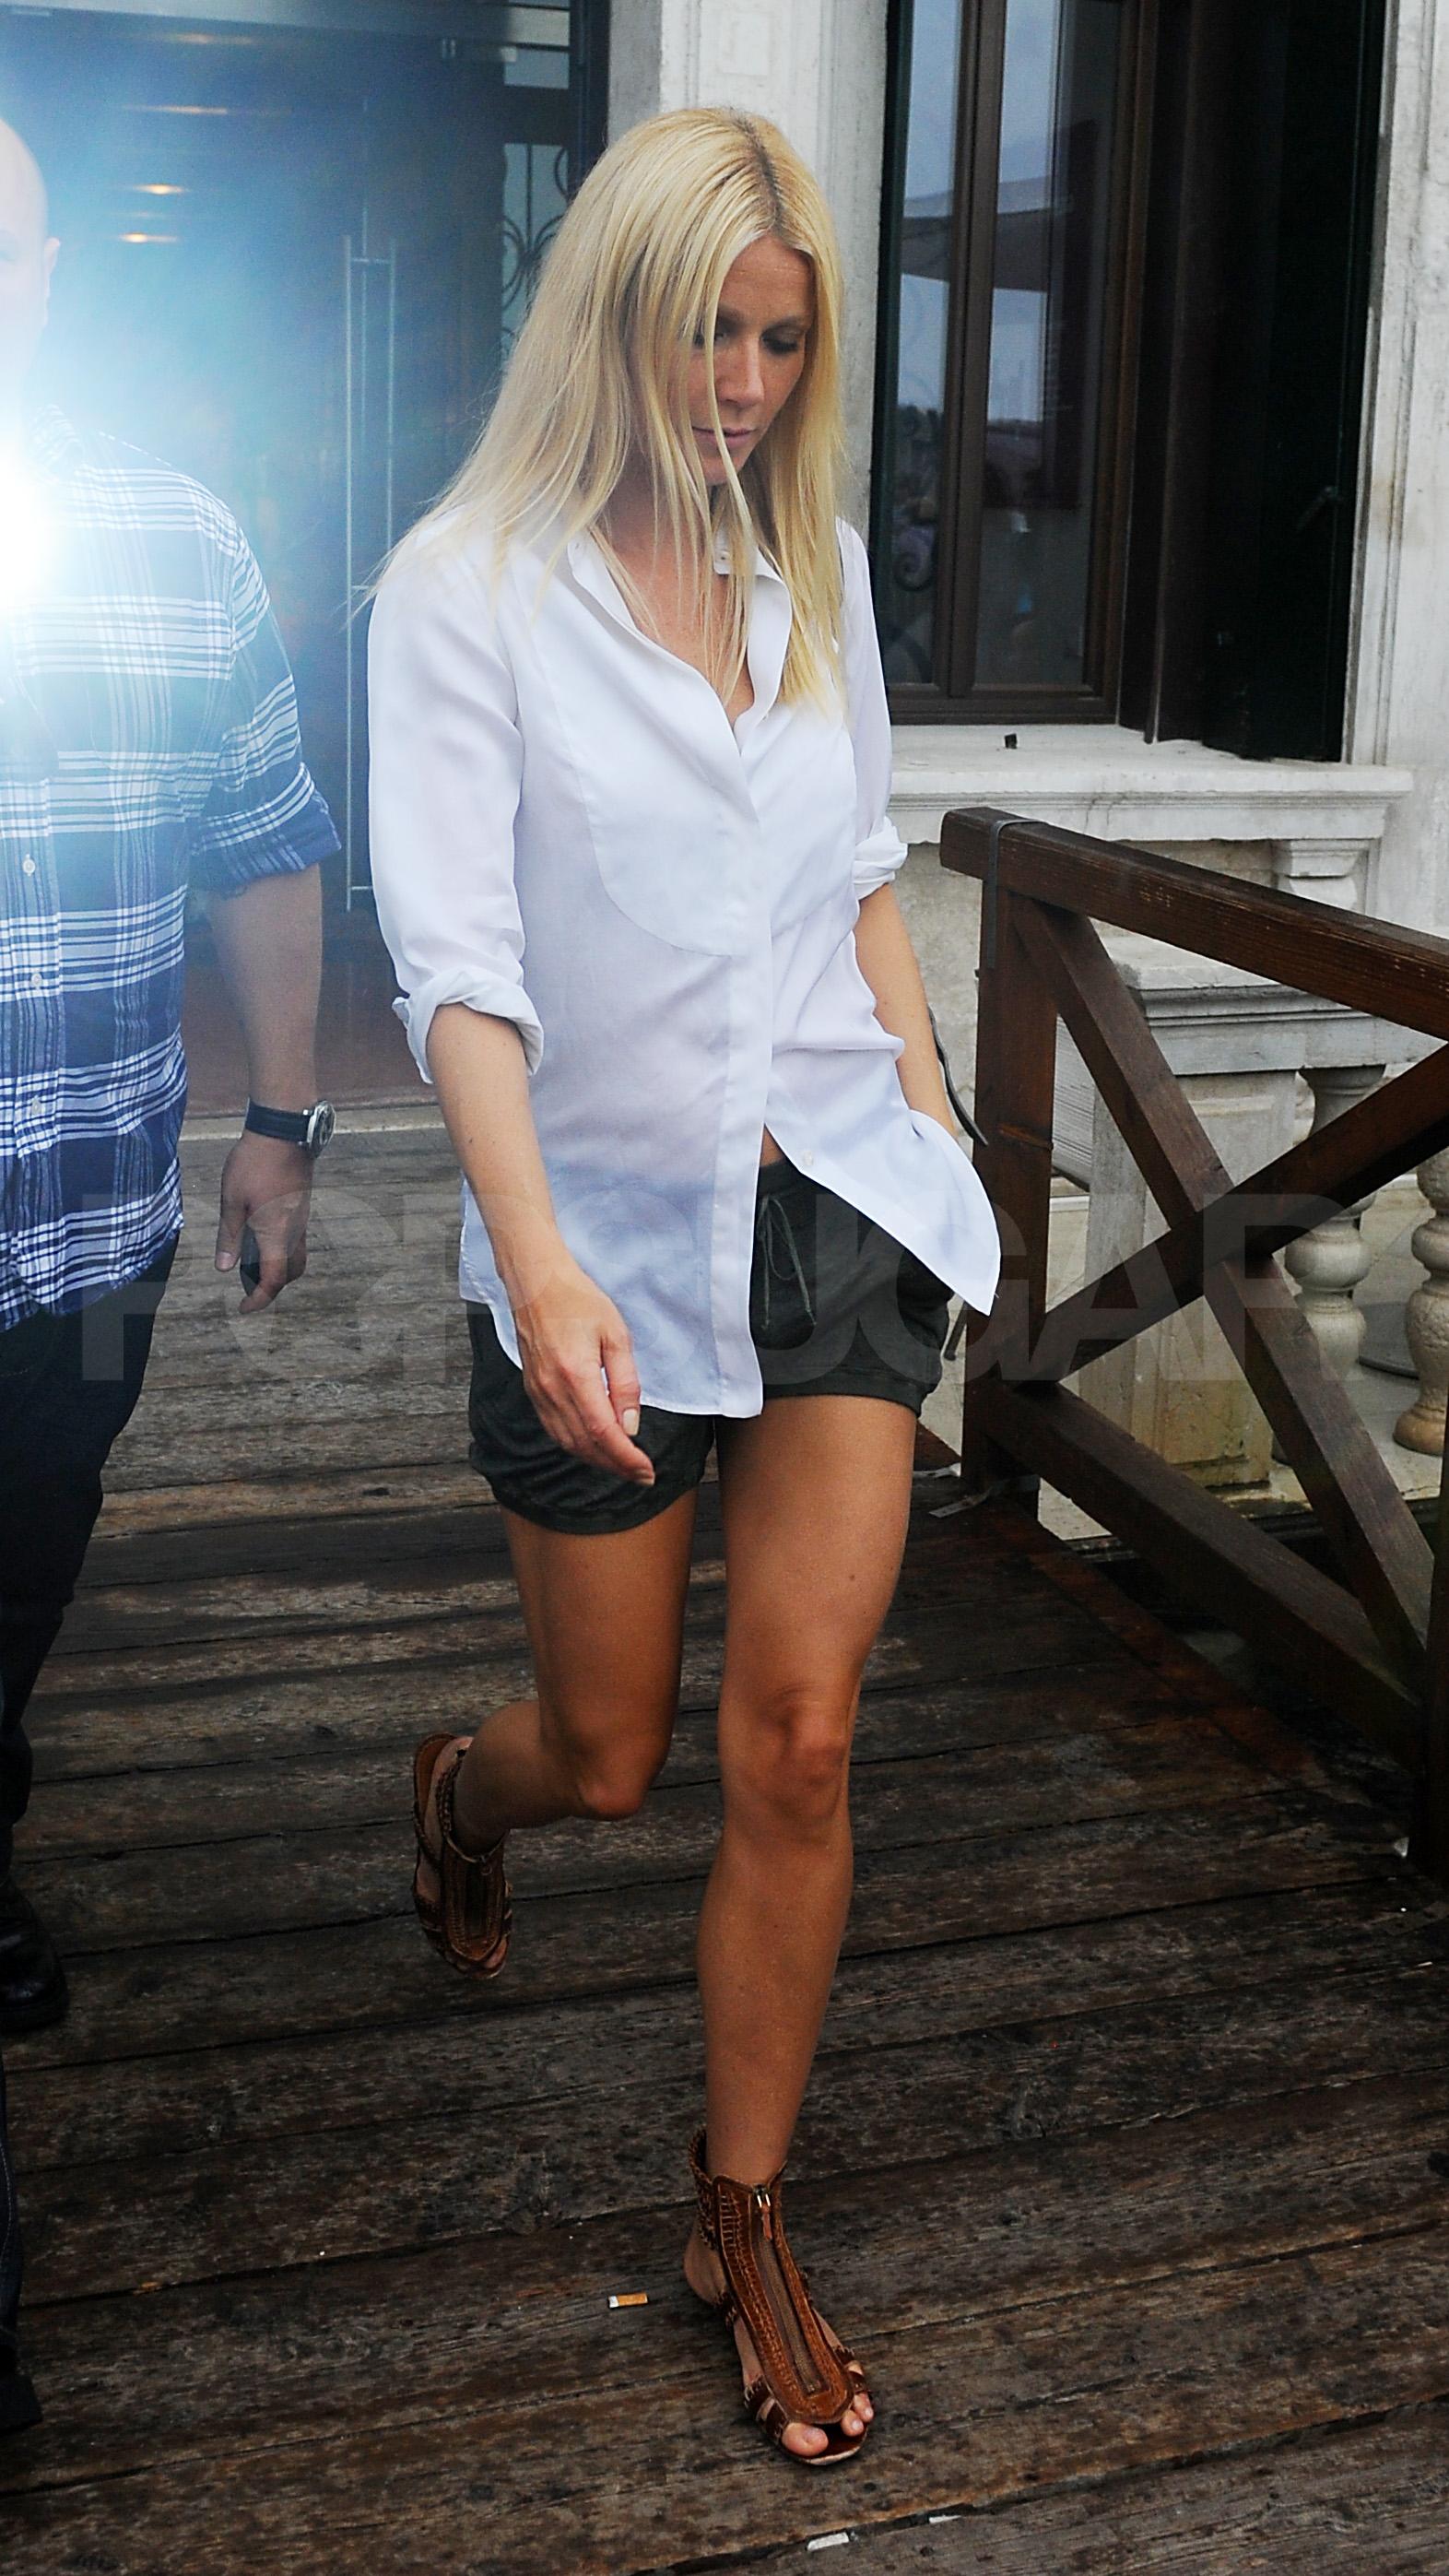 Гвинет Пэлтору в джинсах с манжетами и в сандалиях